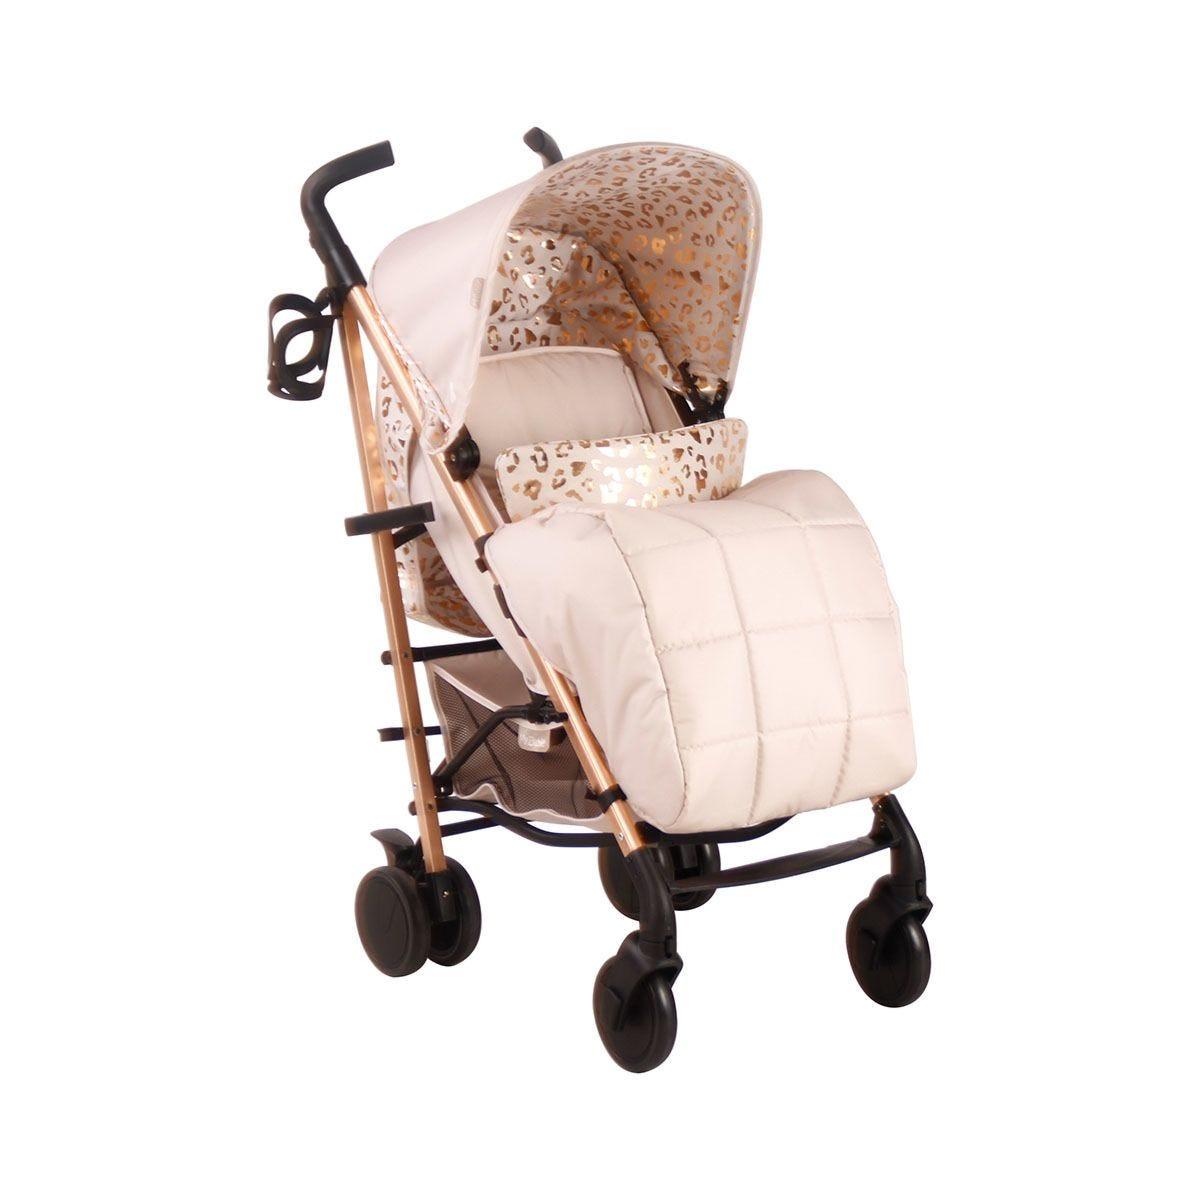 My Babiie Believe Stroller - Blush Leopard